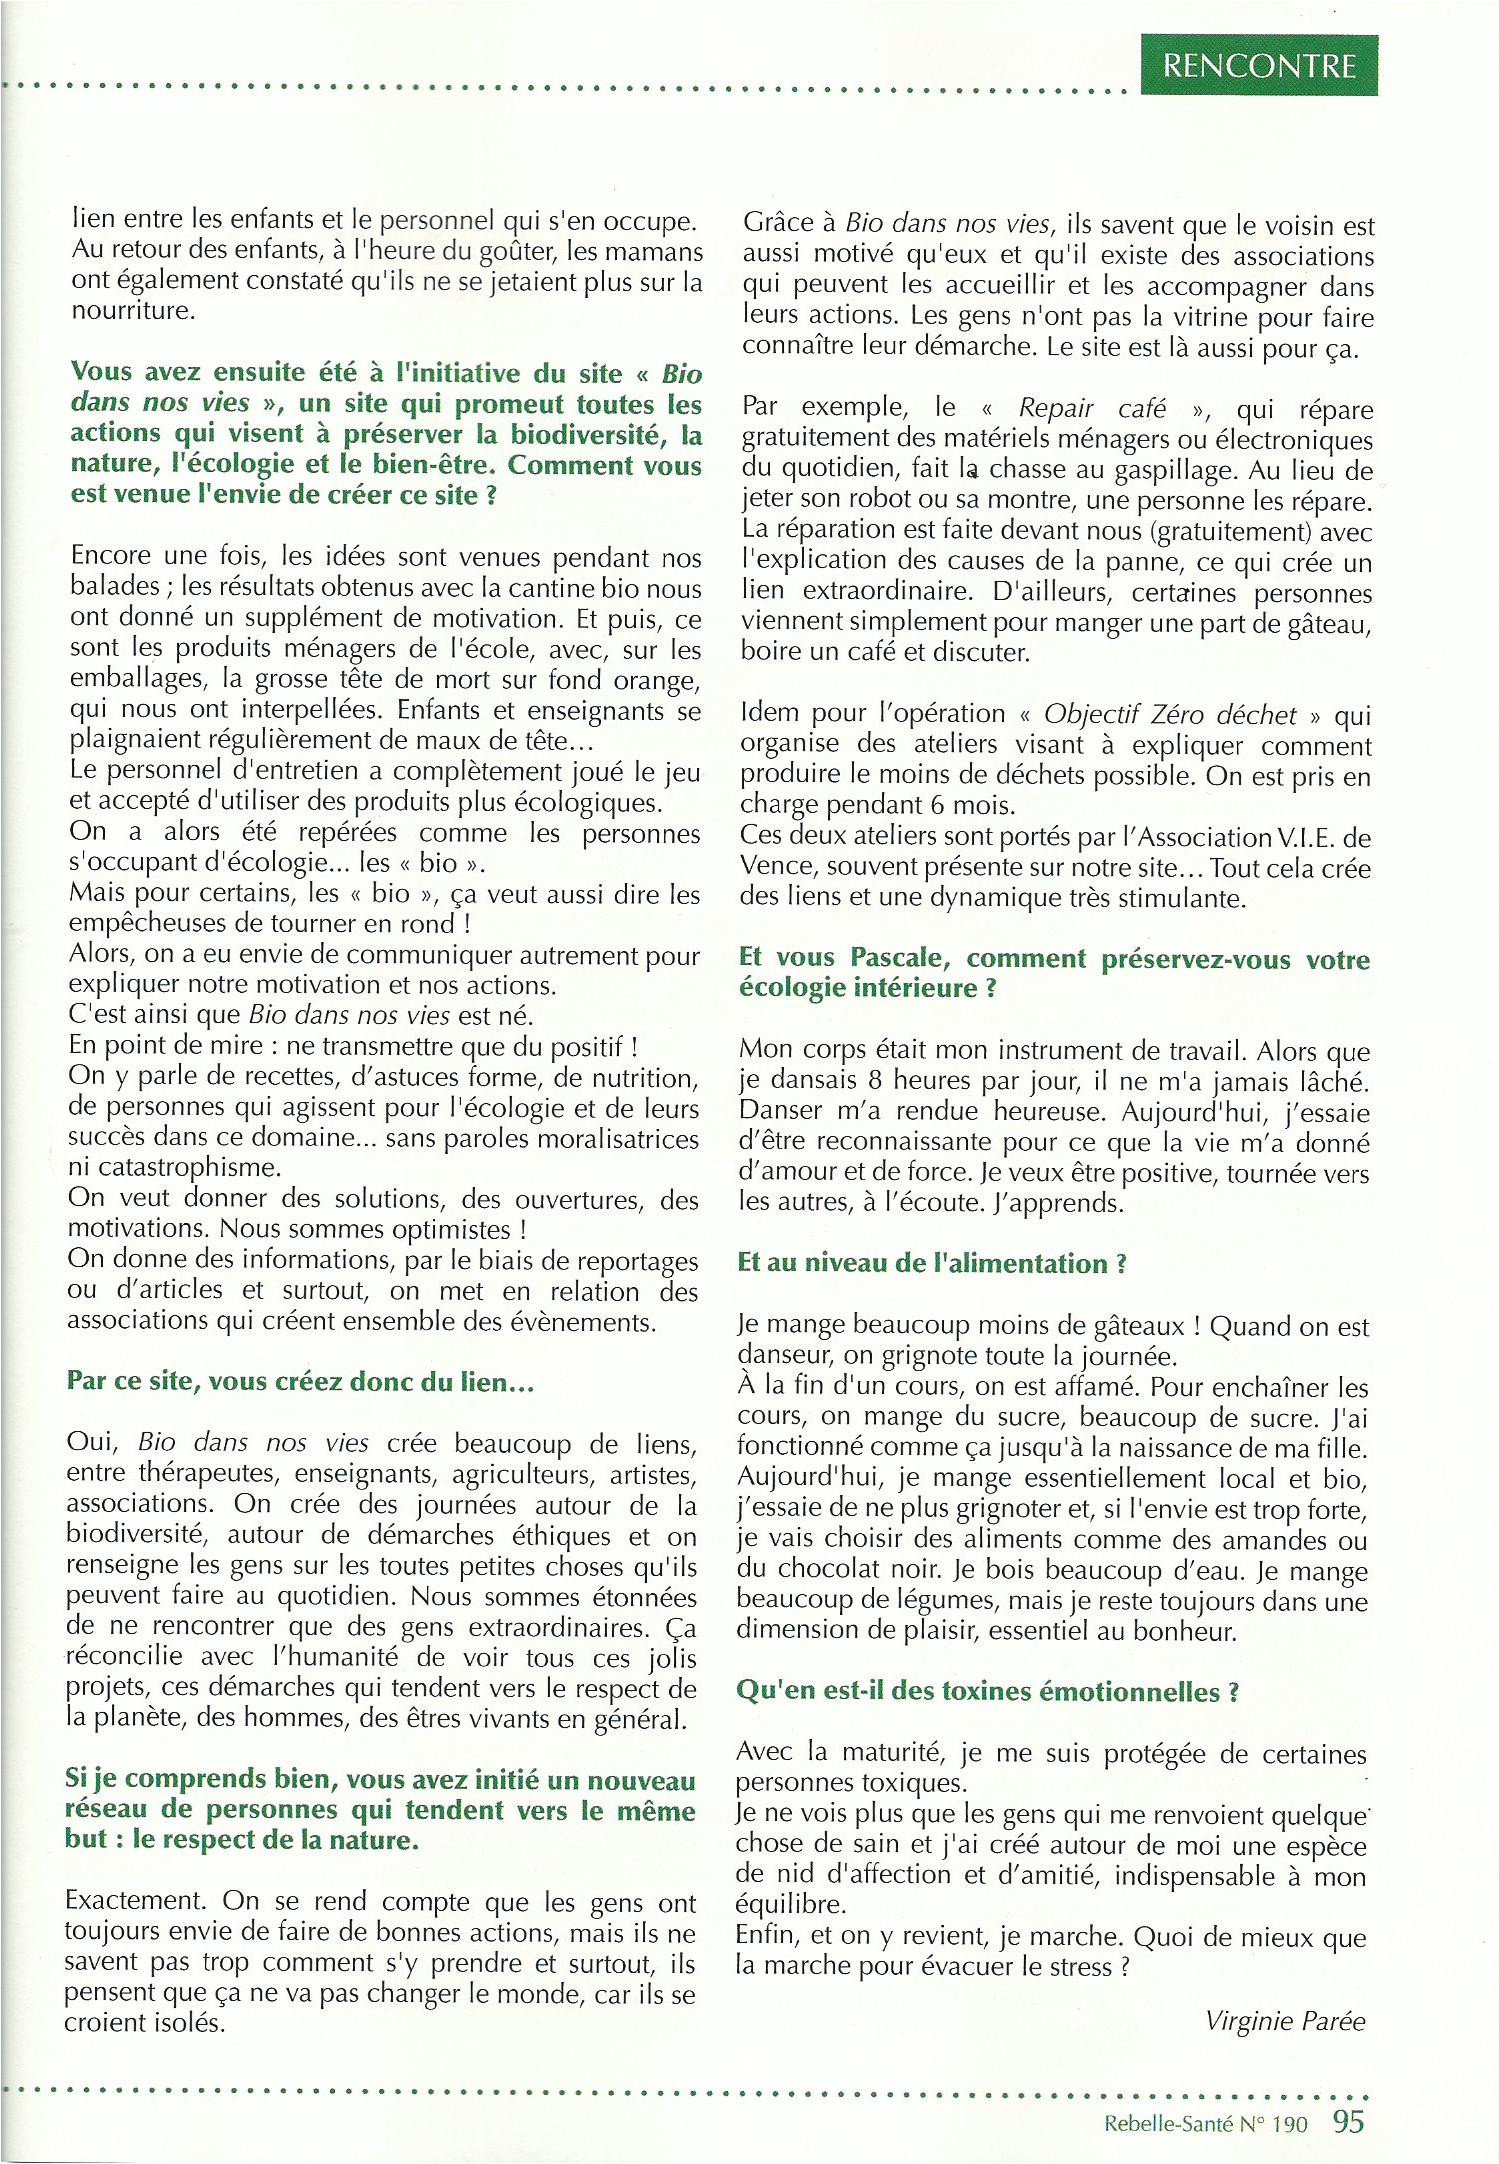 article-dans-rebelle-sante-4